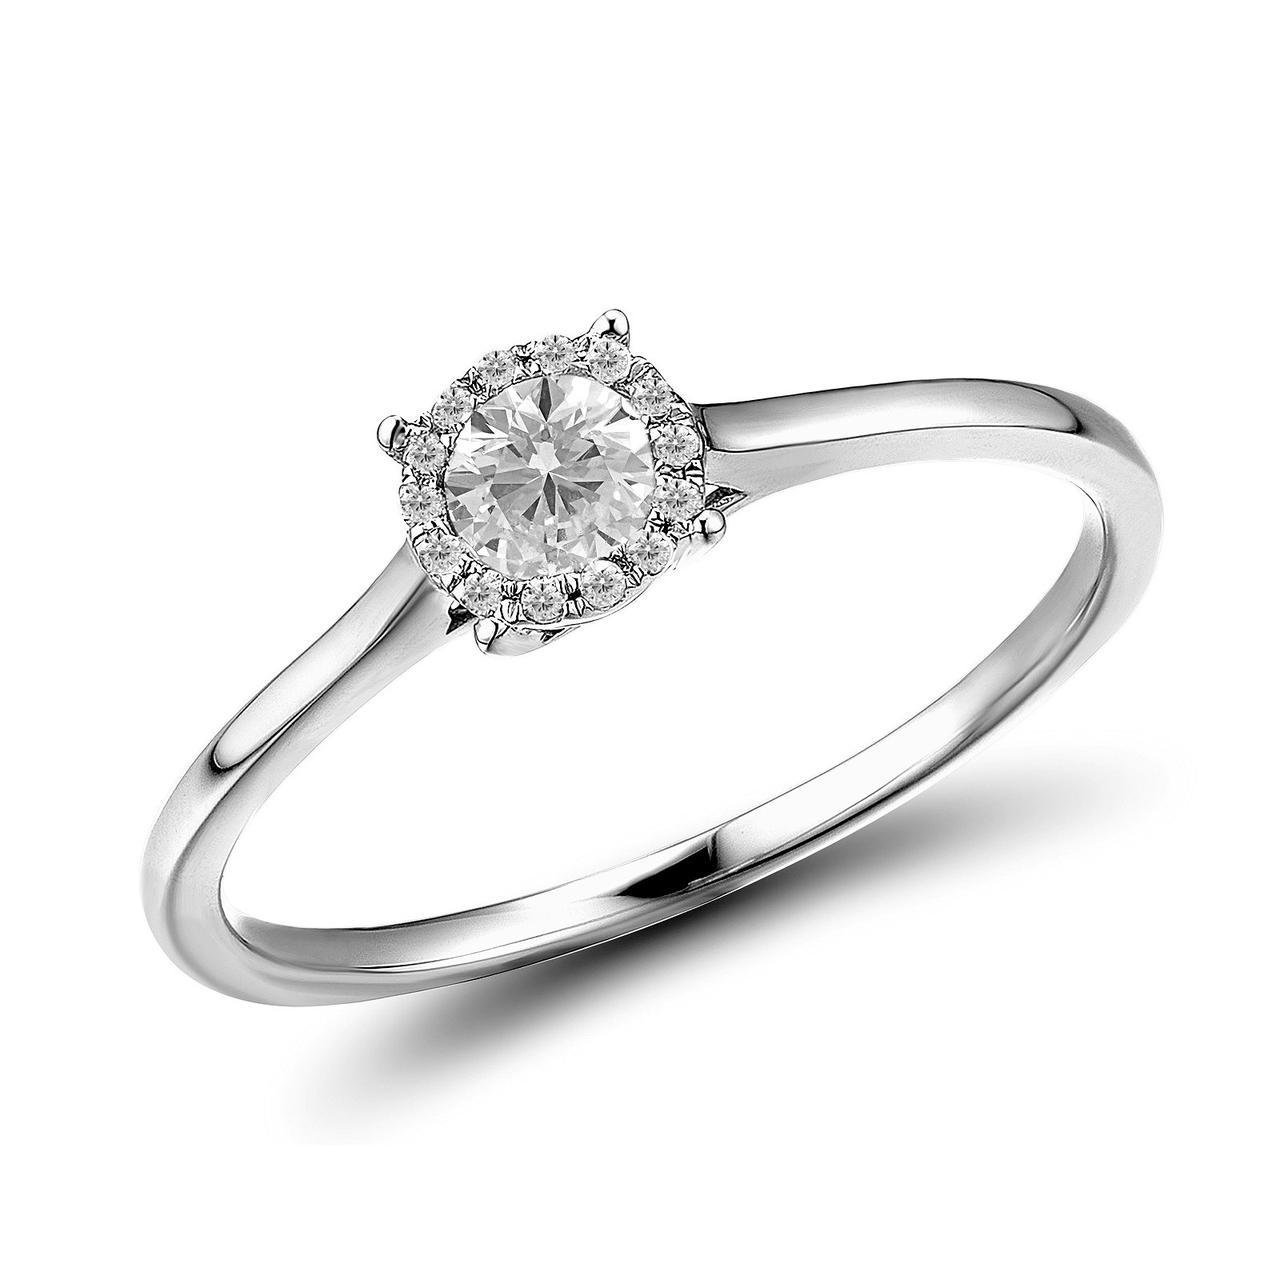 Золотое кольцо с бриллиантами, размер 15 (1550678)